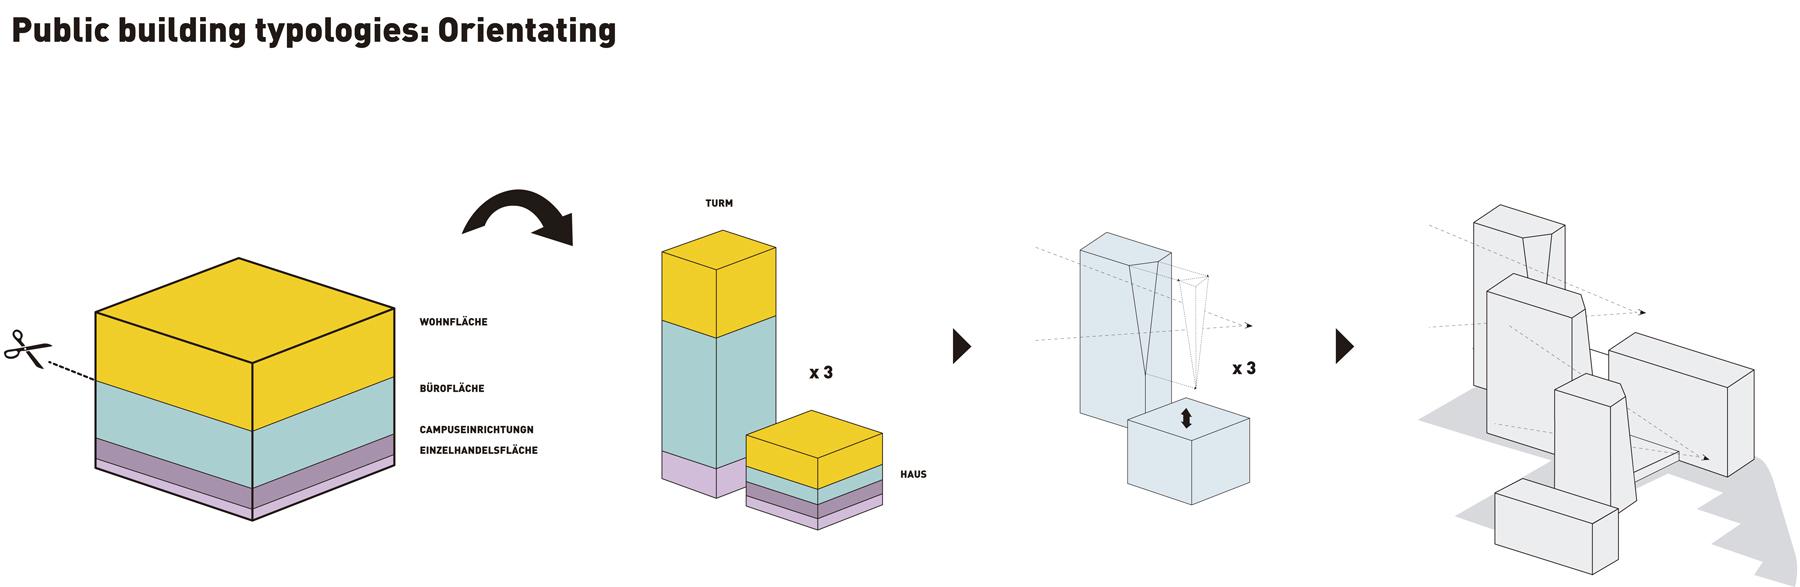 L3_D_DIagrams buildings